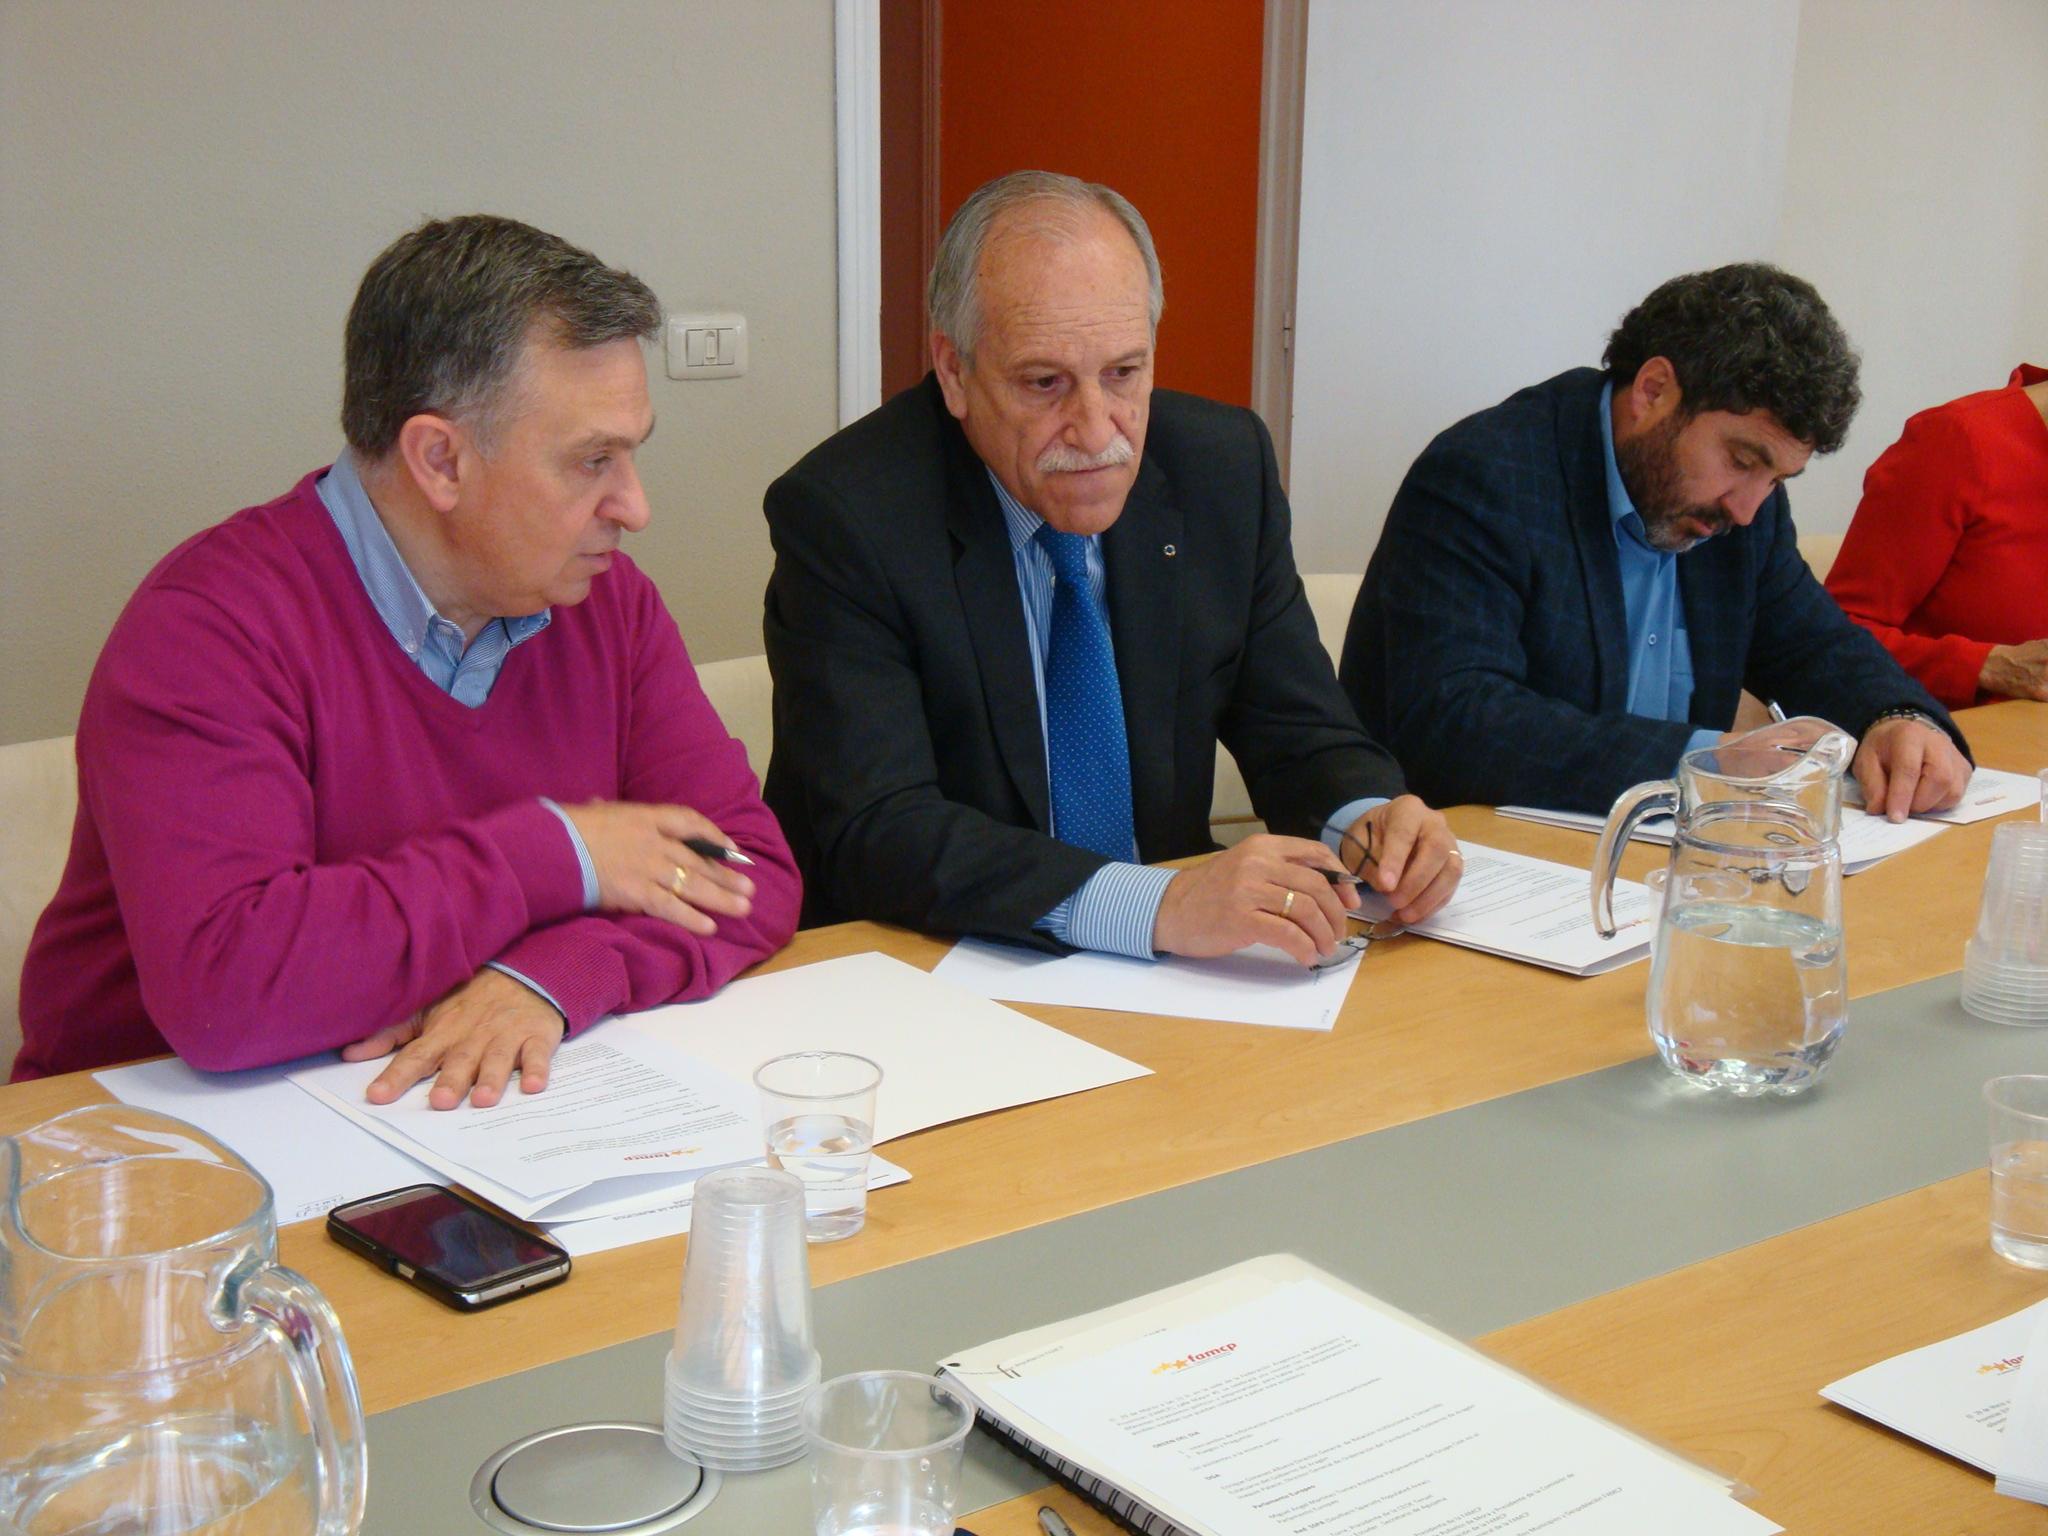 Desde la izquierda, el presidente de la Comisión de Pequeños Municipios y Despoblación de la FAMCP, Ángel Gracia, el presidente de CEOE Teruel, Carlos Torre, y el de CEPYME Teruel, Juan Carlos Escuder.